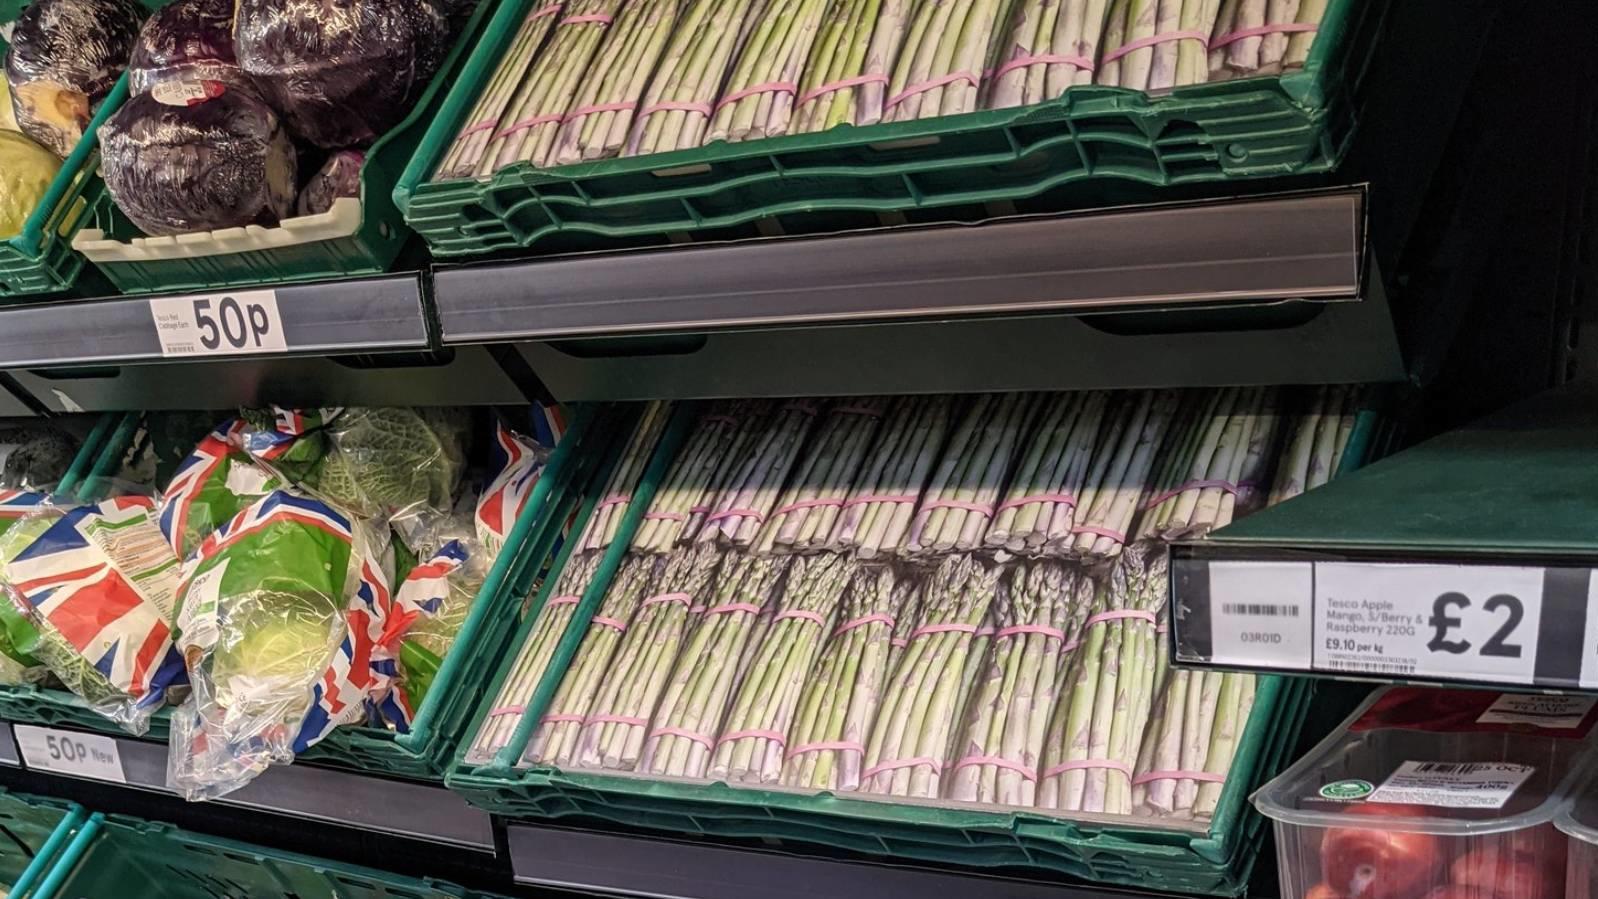 statt-echtem-spargel-gibt-es-in-diesem-britischen-supermarkt-nur-papp-spargel